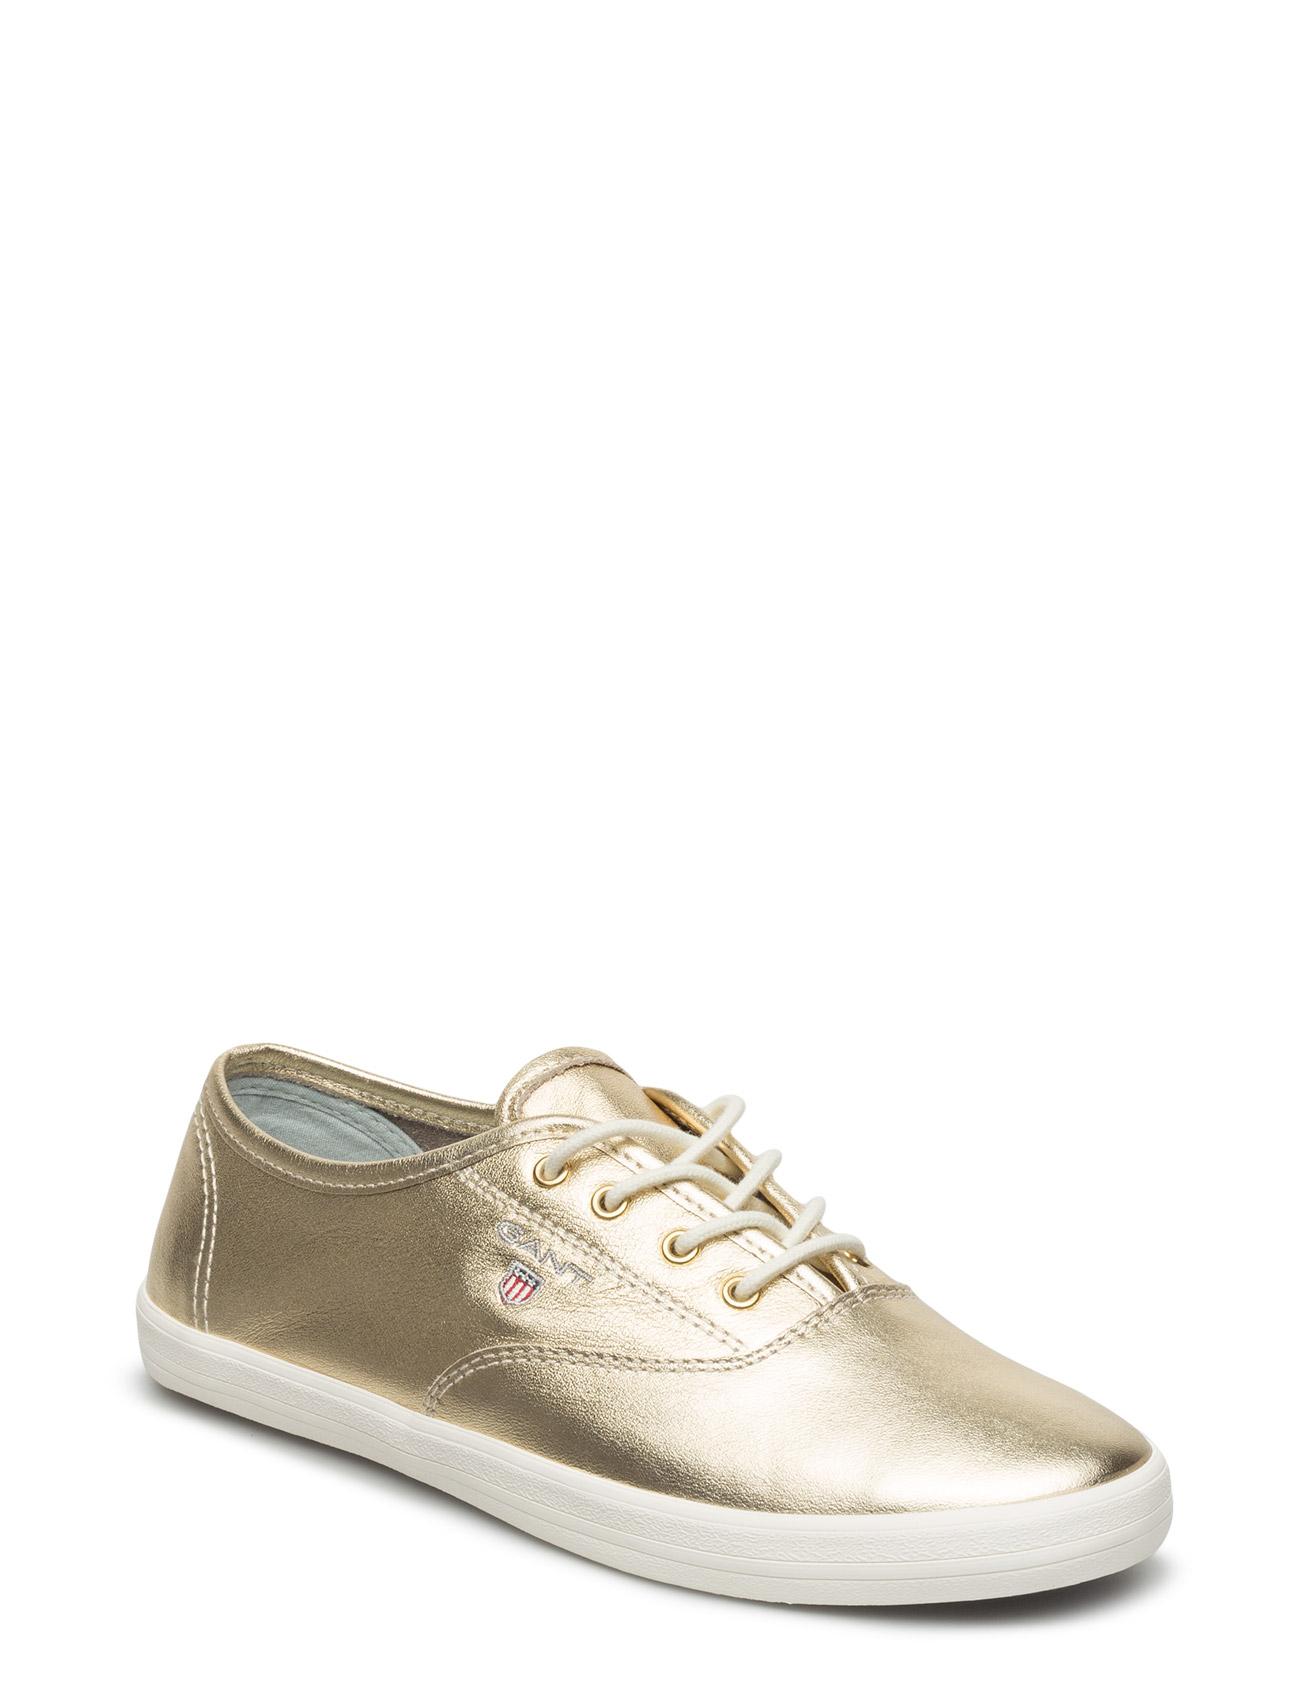 New Haven Sneaker GANT Sneakers til Kvinder i Guld